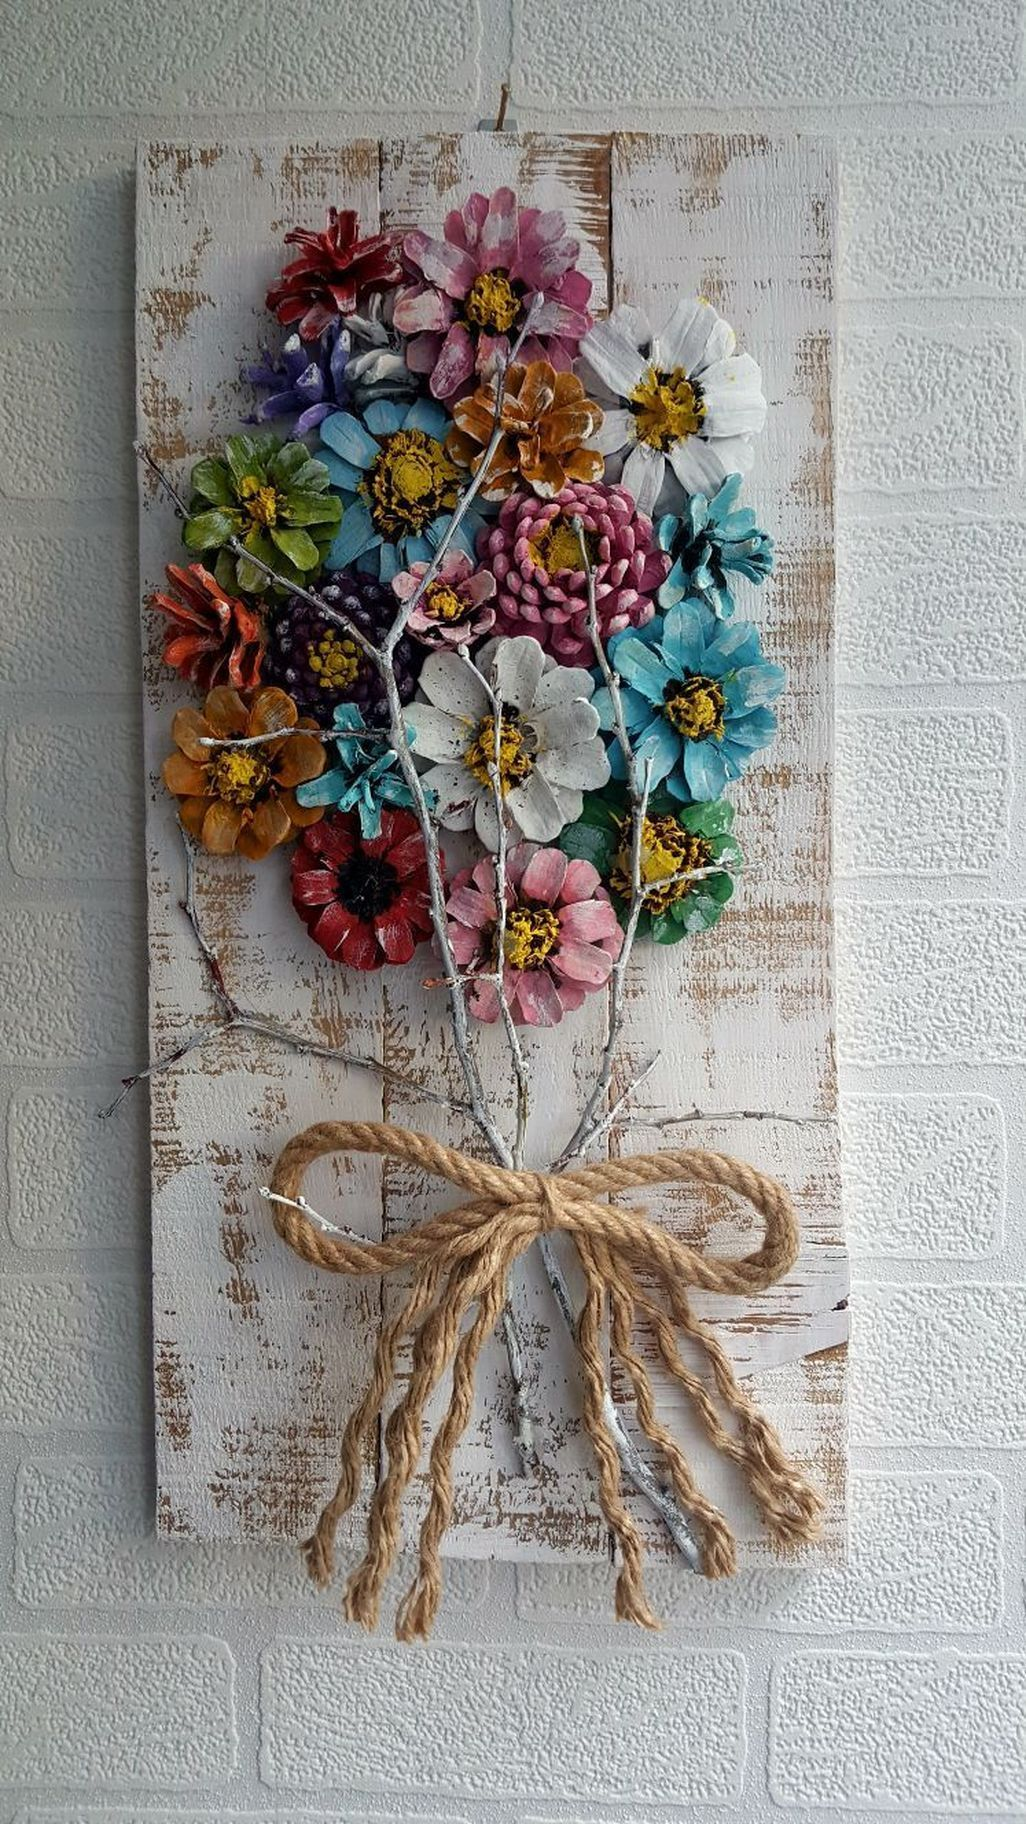 Gemalte Tannenzapfenblüten auf wiederverwertetem Scheunenholz #gemalte #scheunenholz #tannenzapfenbluten #wiederverwertetem – BuzzTMZ #pineconeflowers